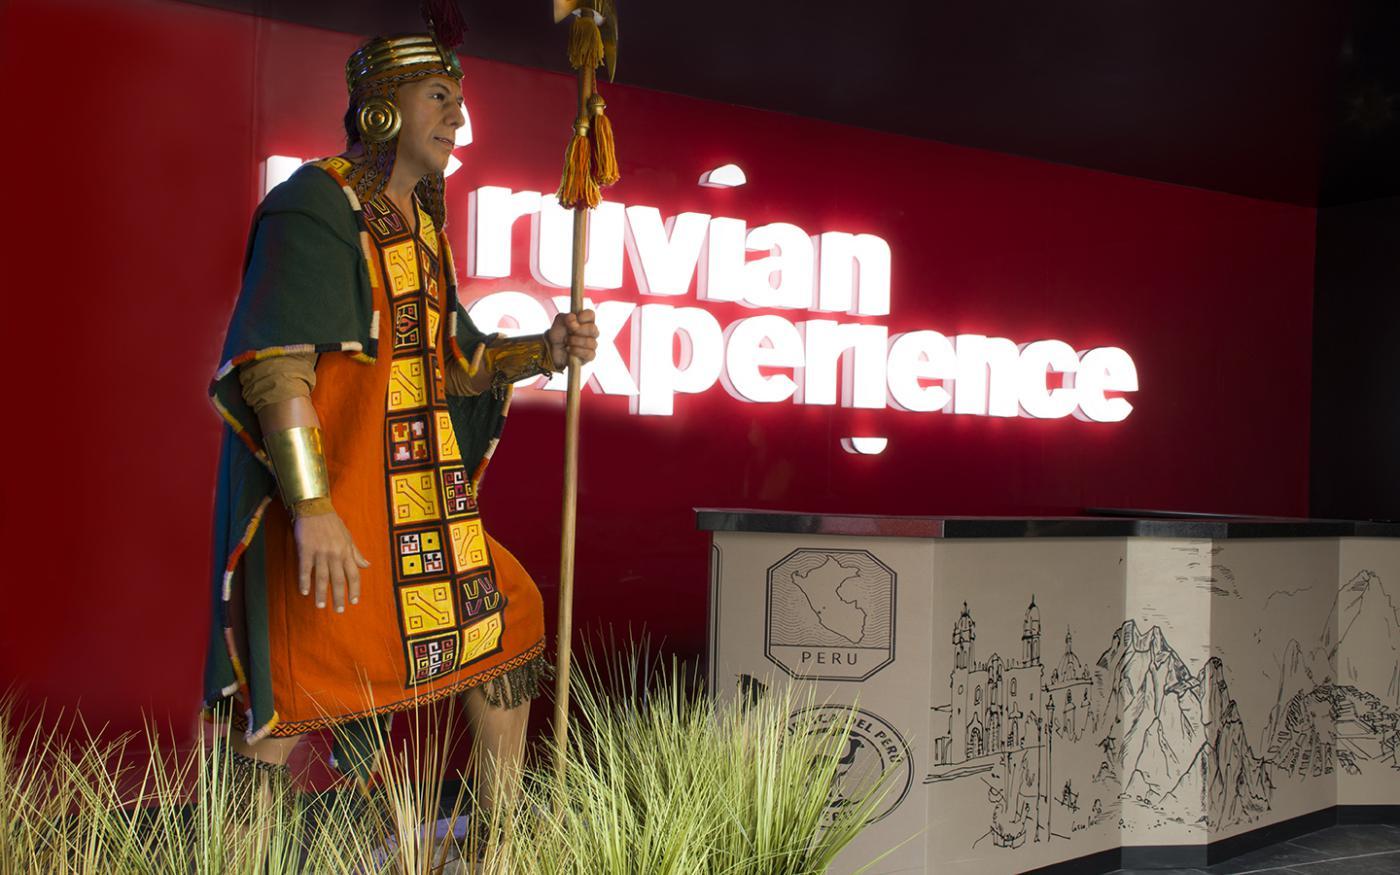 Ontdek unieke interactieve gastronomische activiteiten in Peru